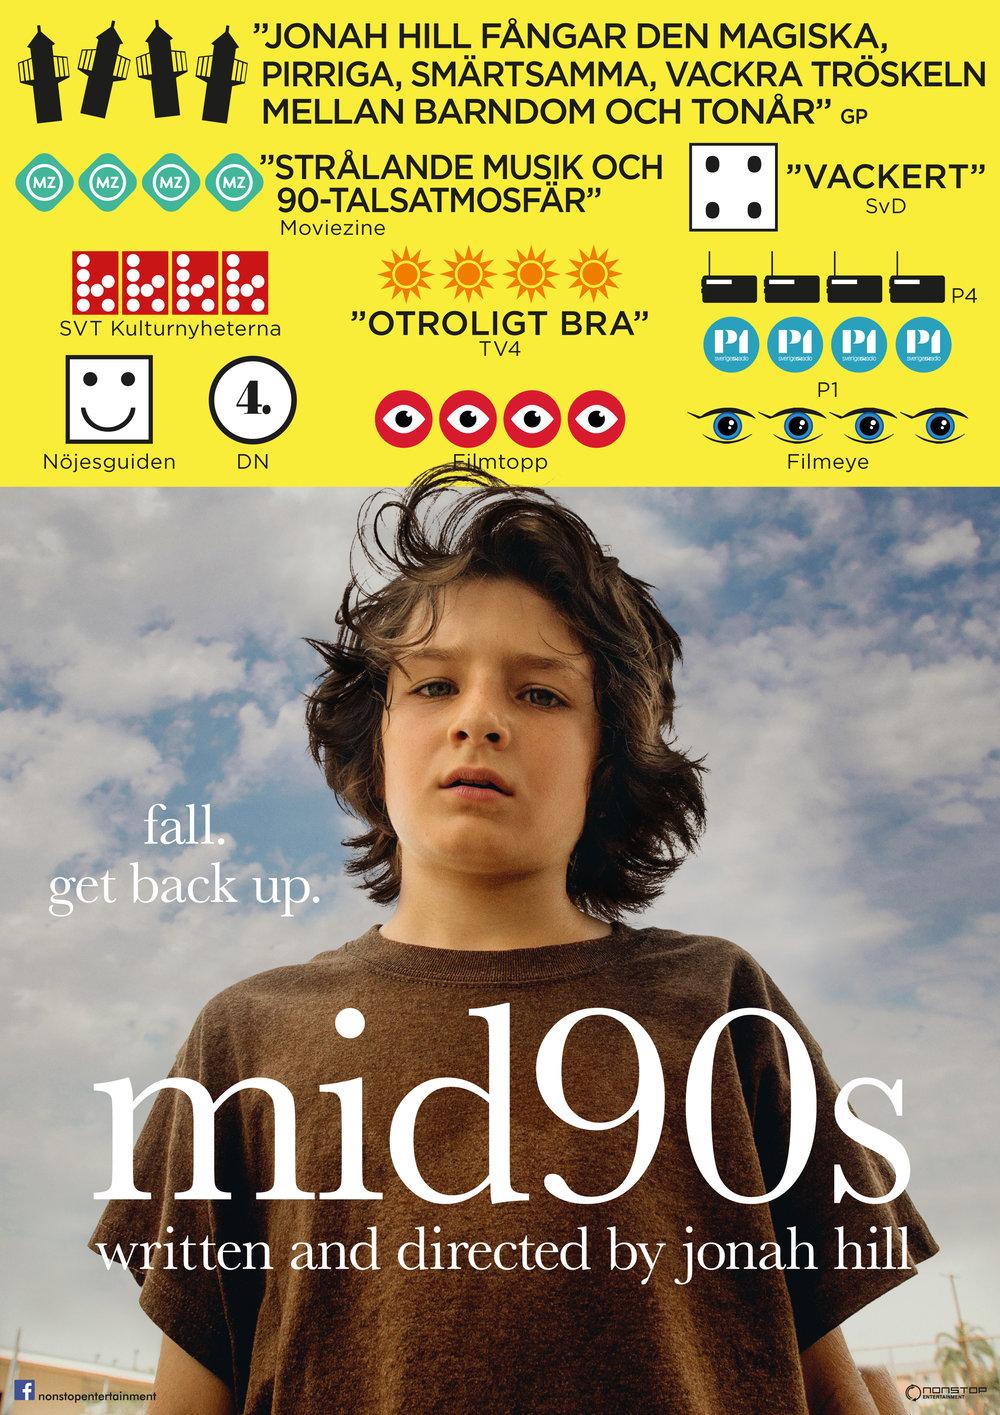 mid90s_A4 (2).jpg